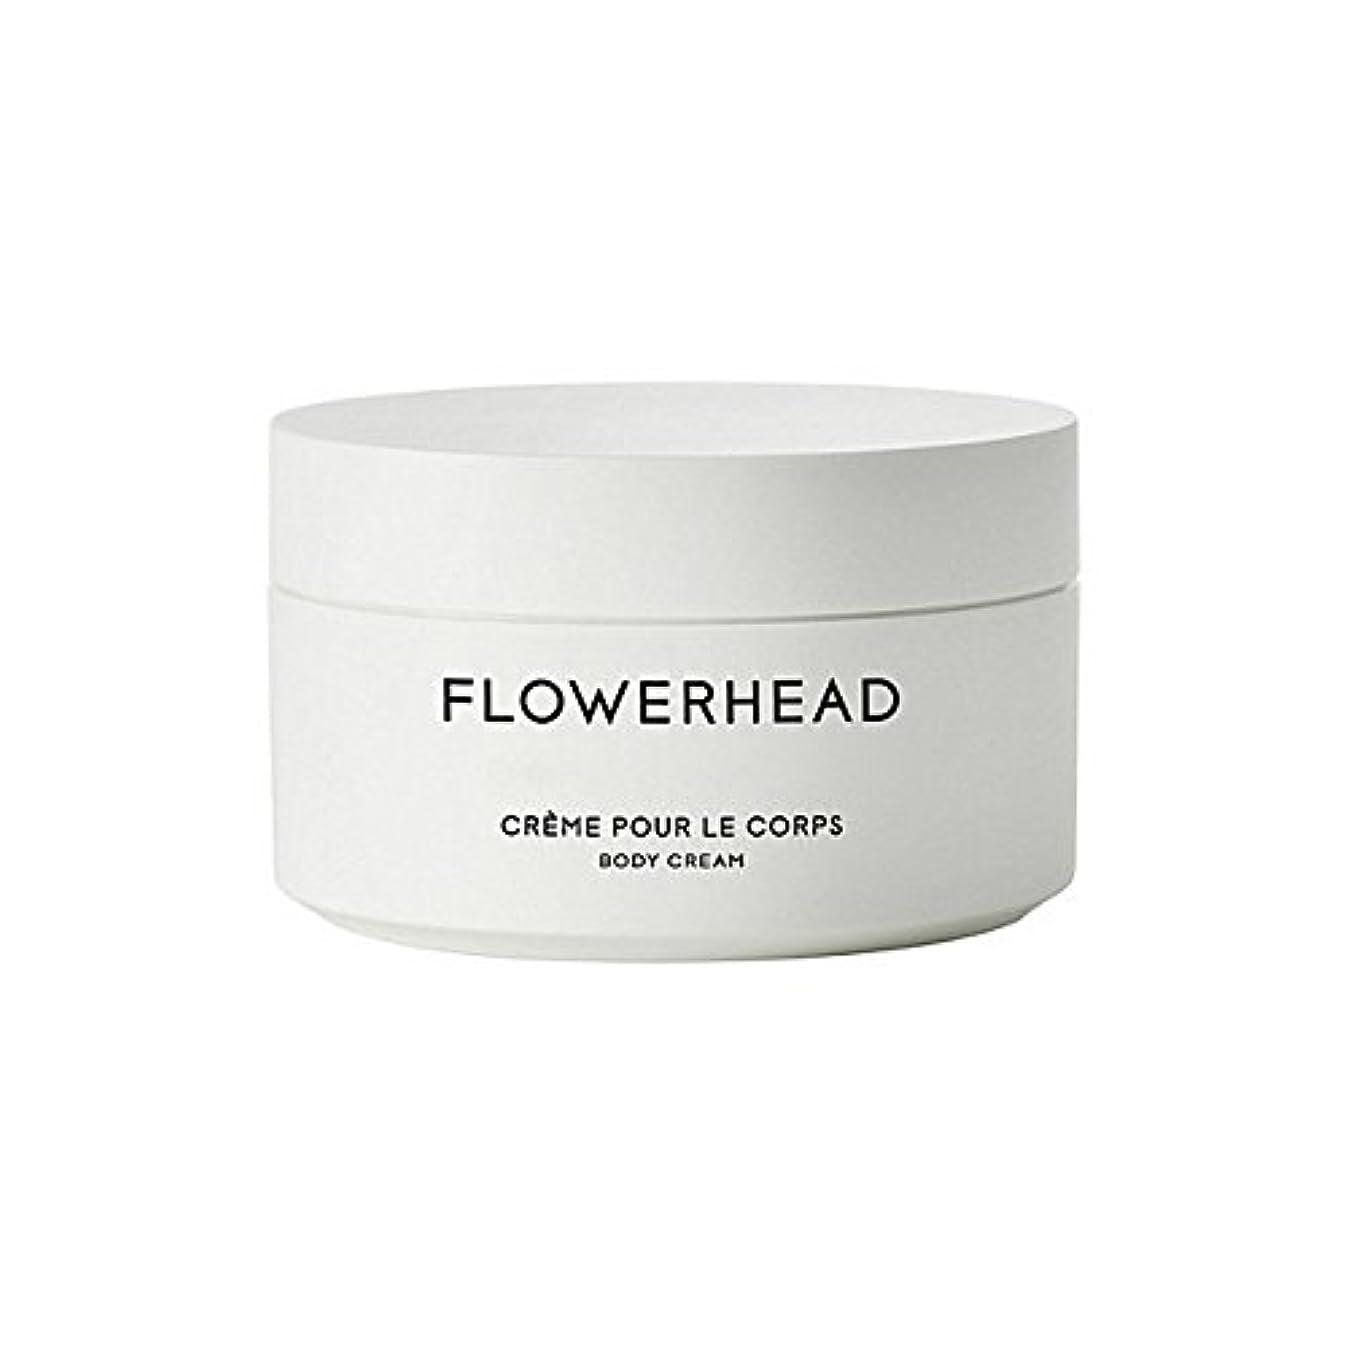 帝国主義ディスクパイロットByredo Flowerhead Body Cream 200ml (Pack of 6) - ボディクリーム200ミリリットル x6 [並行輸入品]